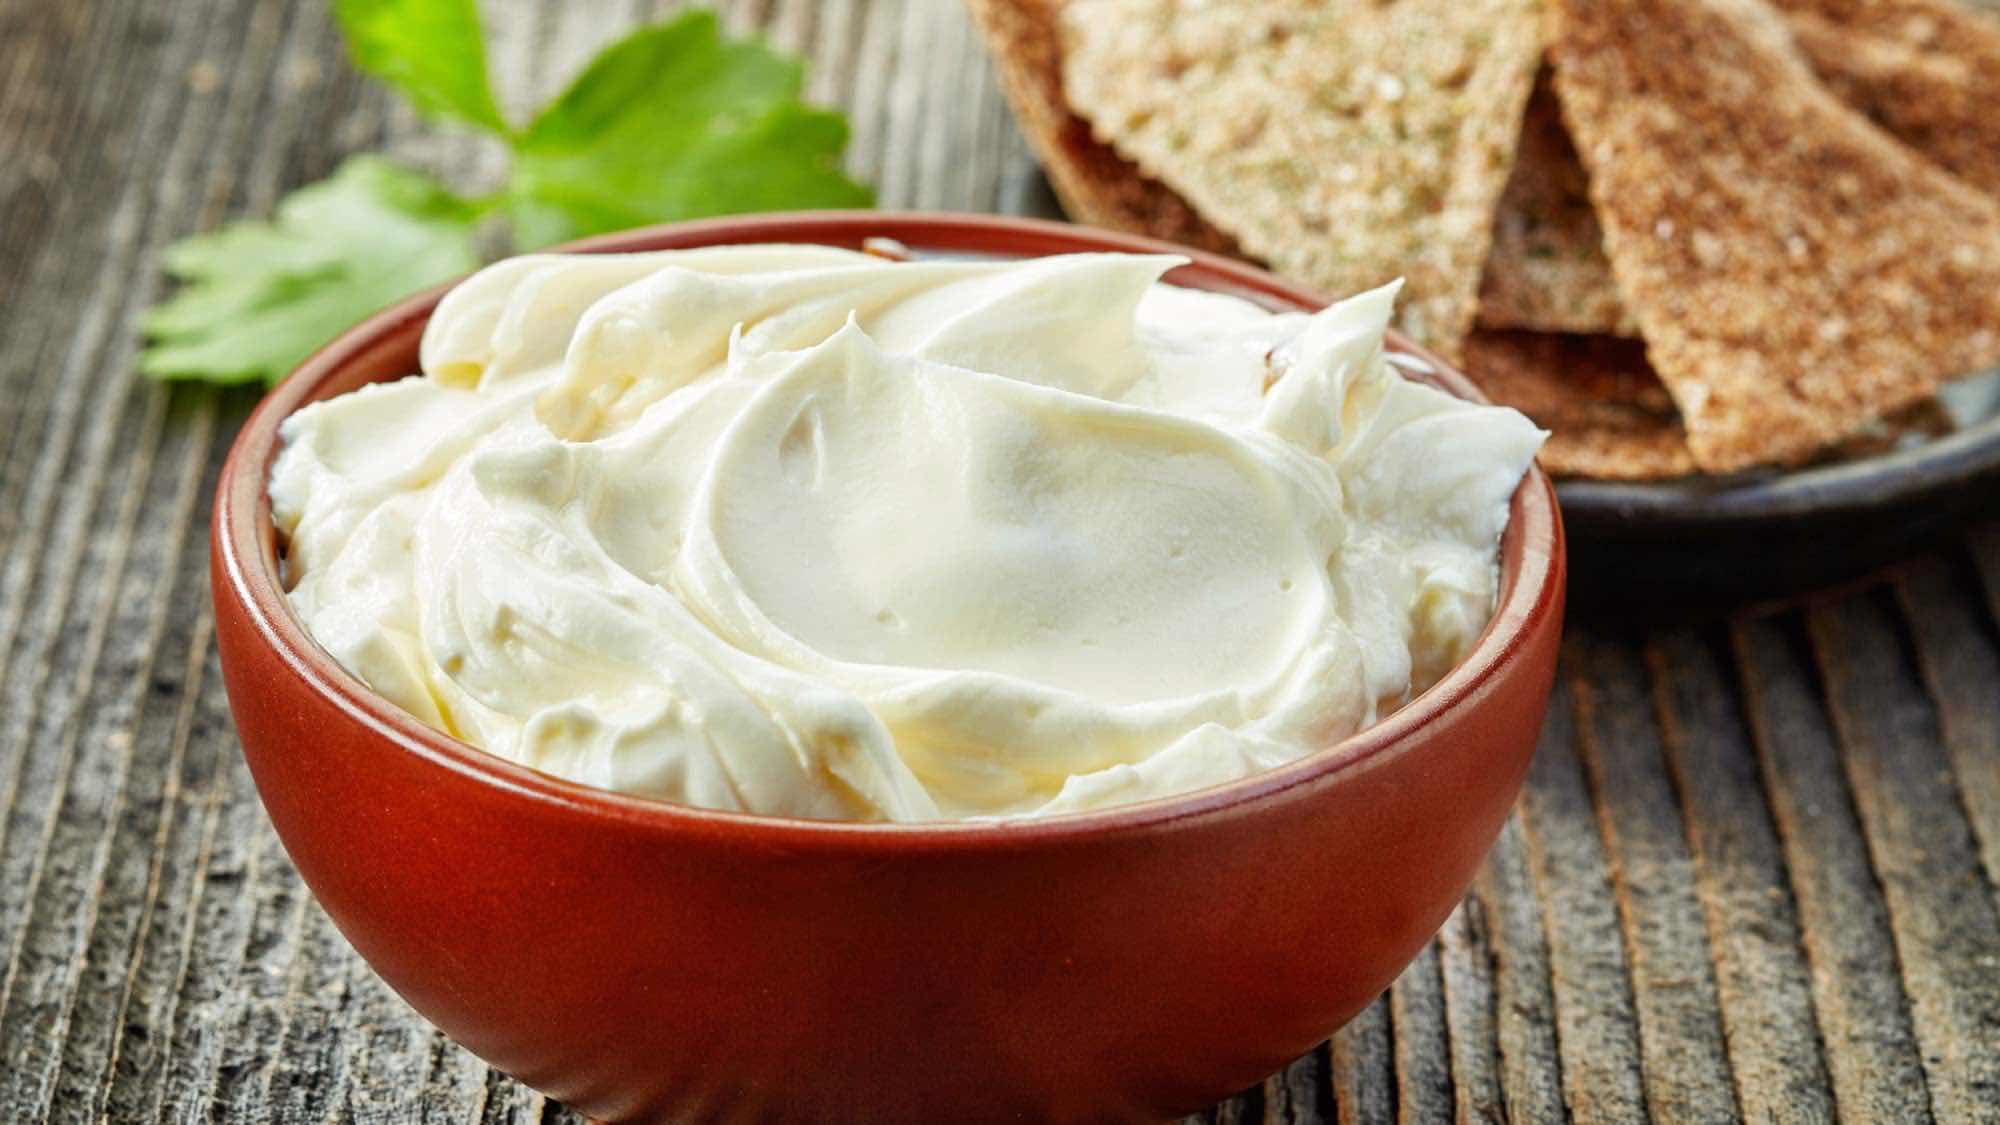 Кладем в кастрюлю творог и яйца, а получаем плавленный сыр: всей работы на 20 минут